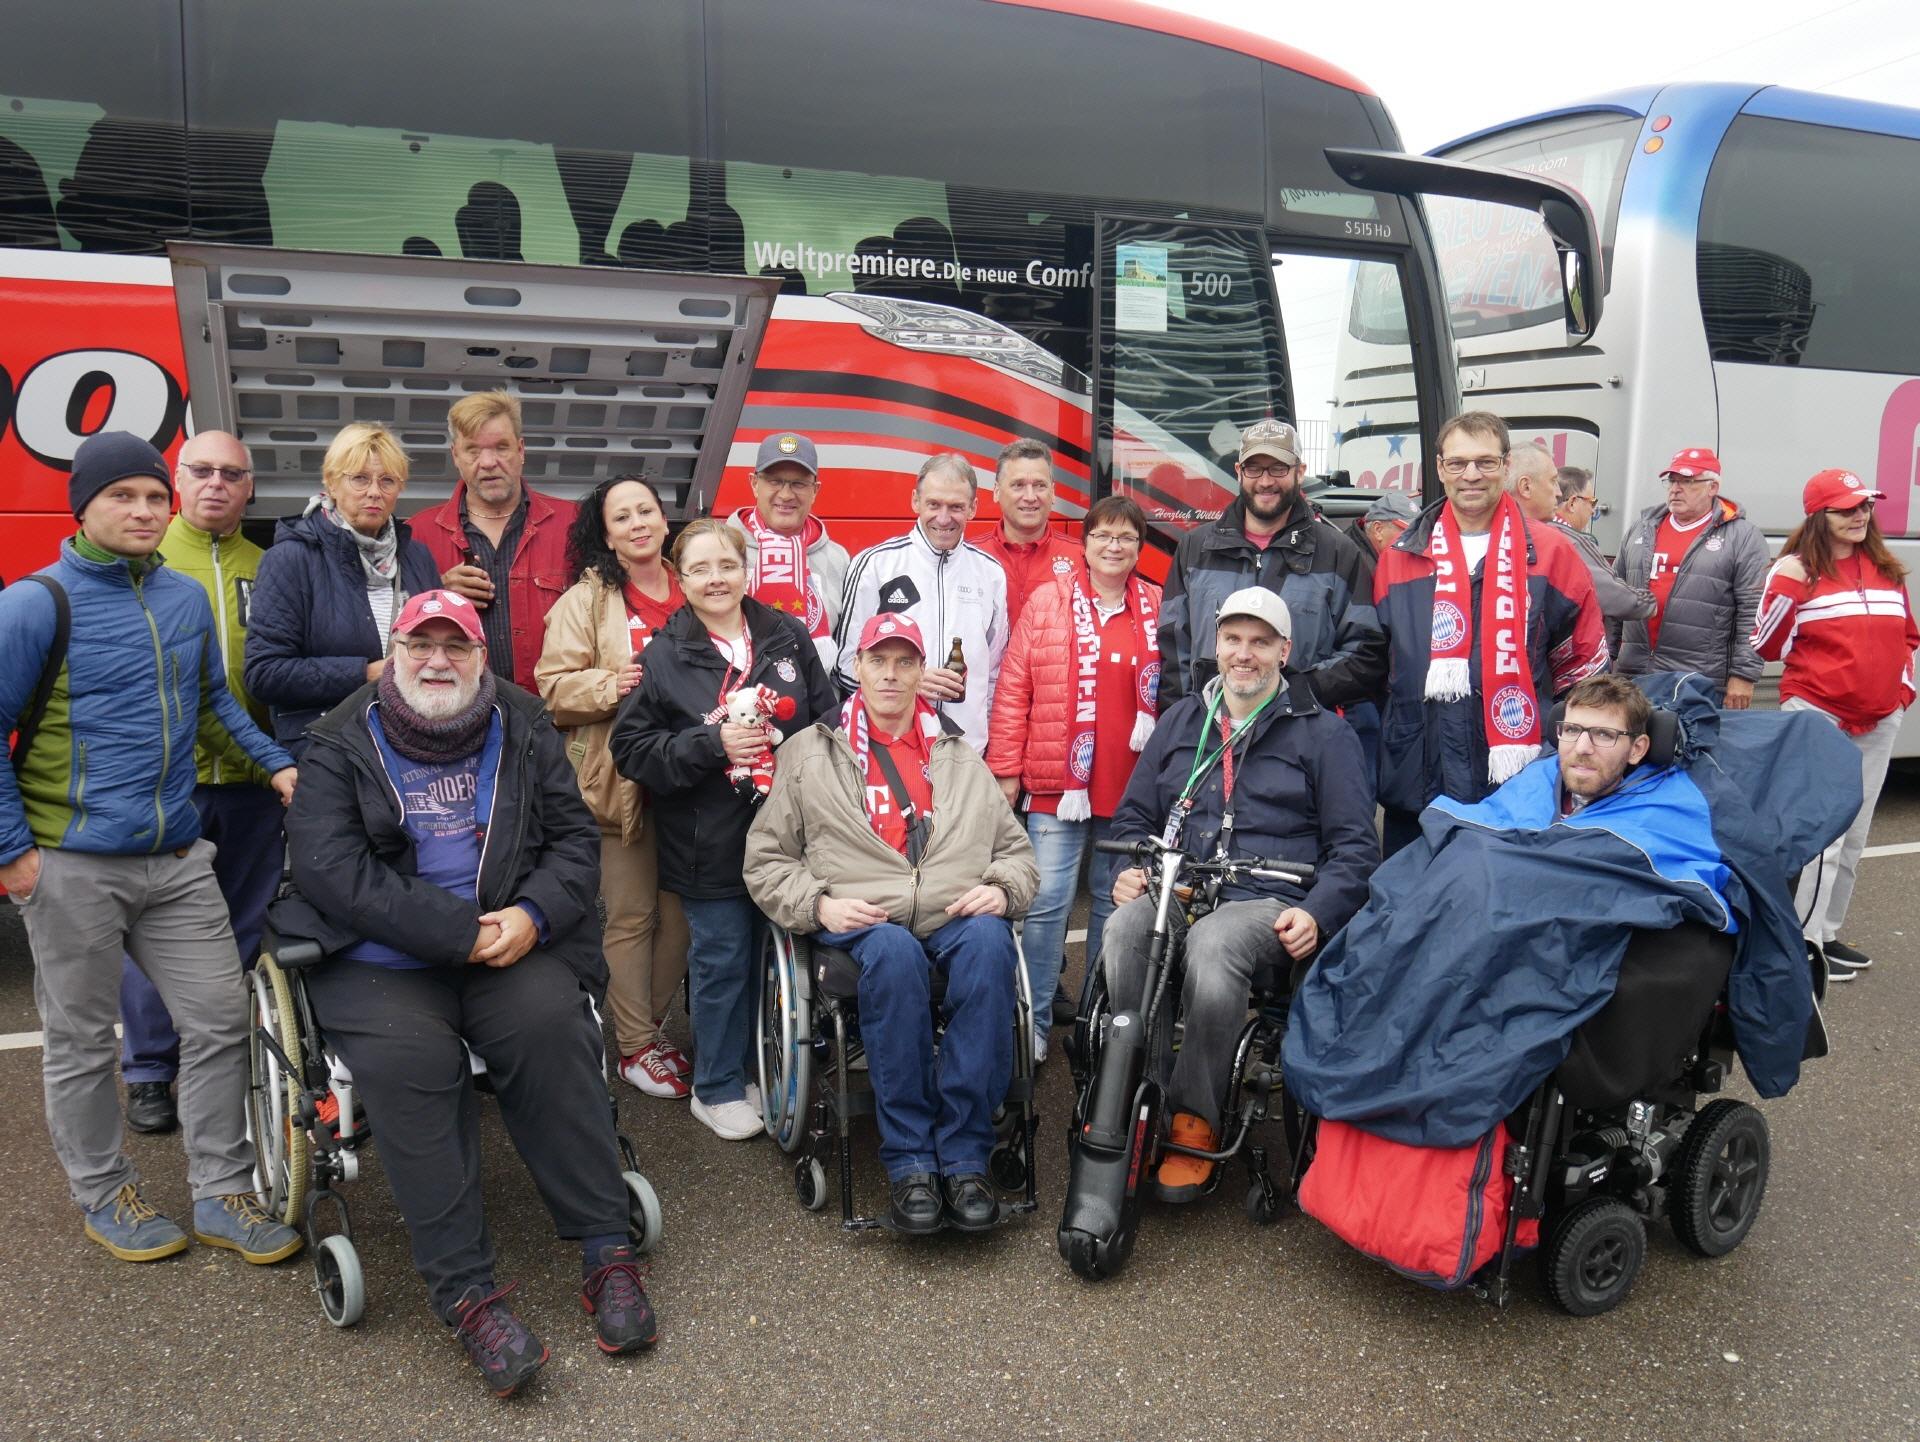 Gruppenfoto mit dem Audi-Fanclub und dem Rollwagerl 93 Fanclub vor dem Bus